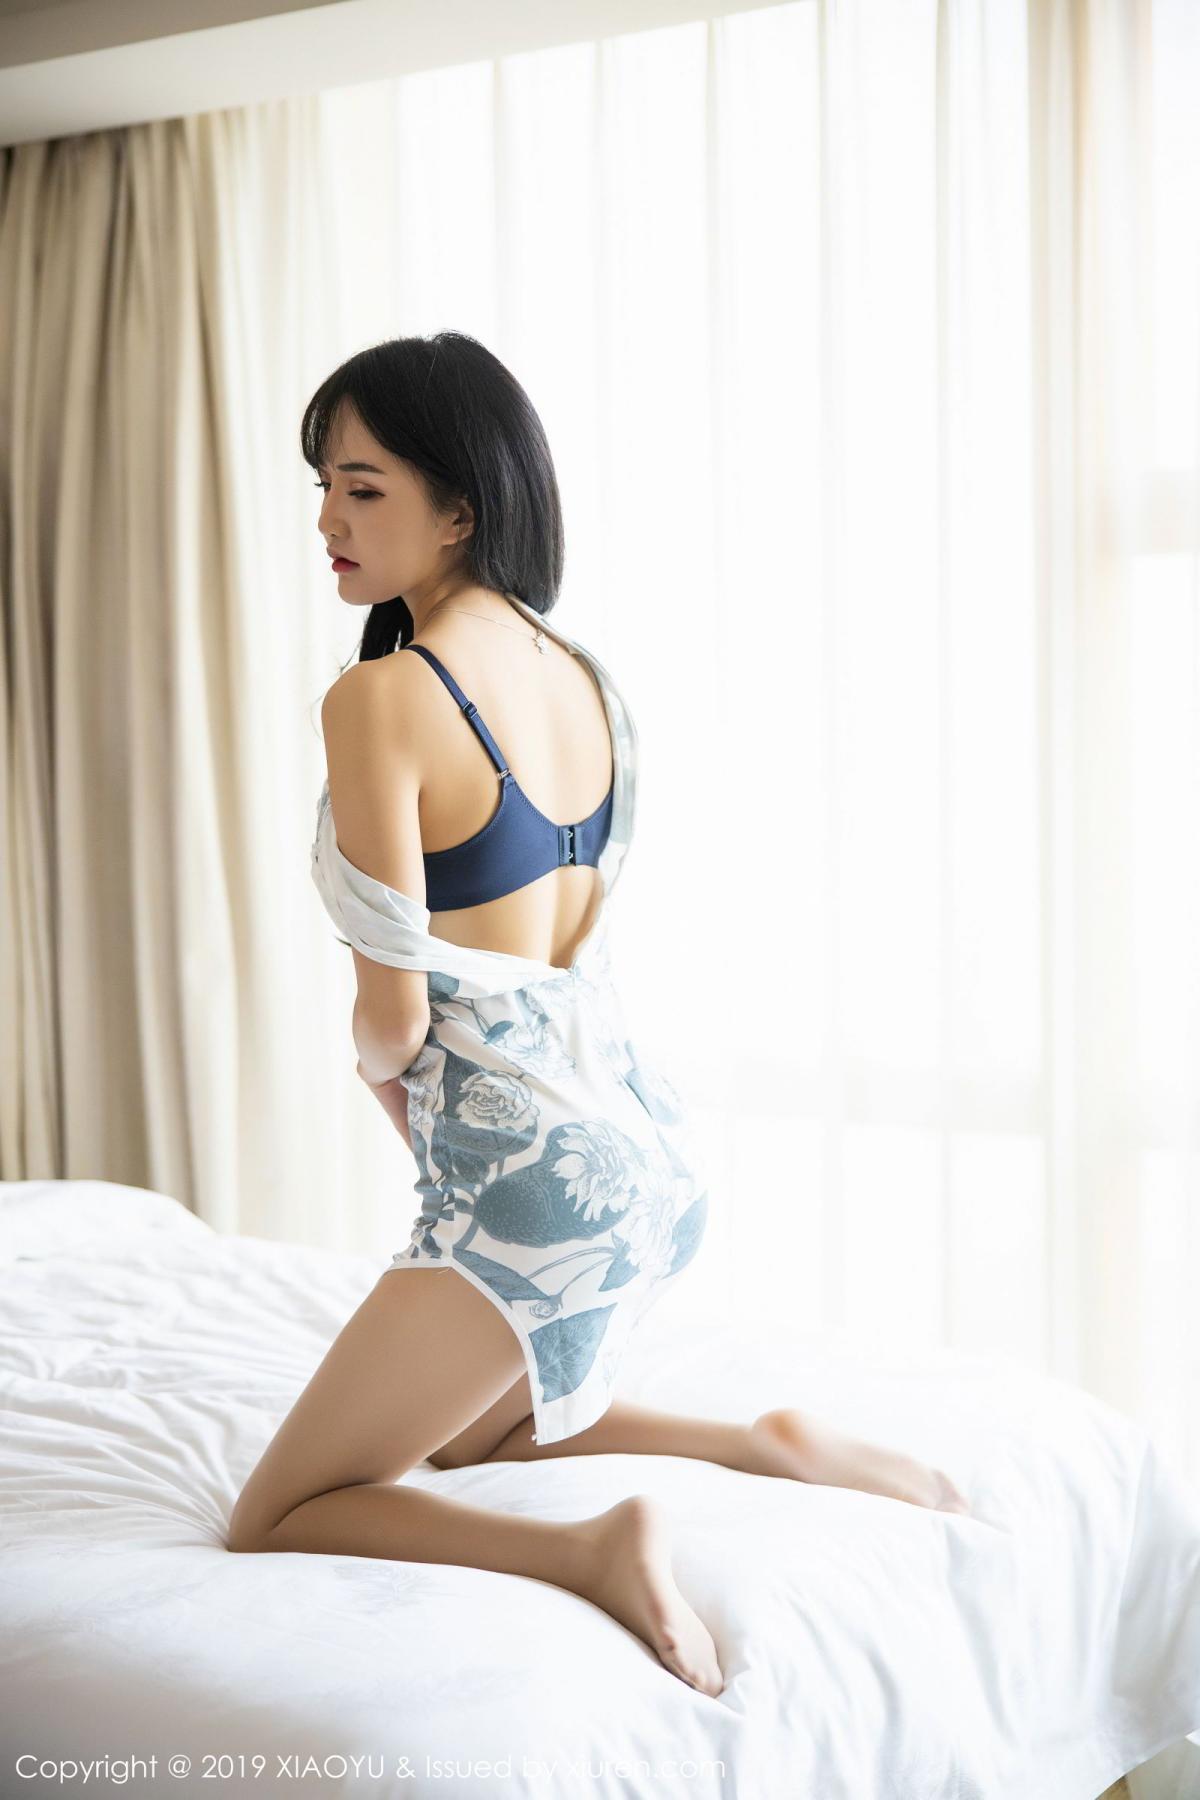 [XiaoYu] Vol.200 Miko Jiang 80P, Miko Jiang, Slim, Tall, Underwear, XiaoYu